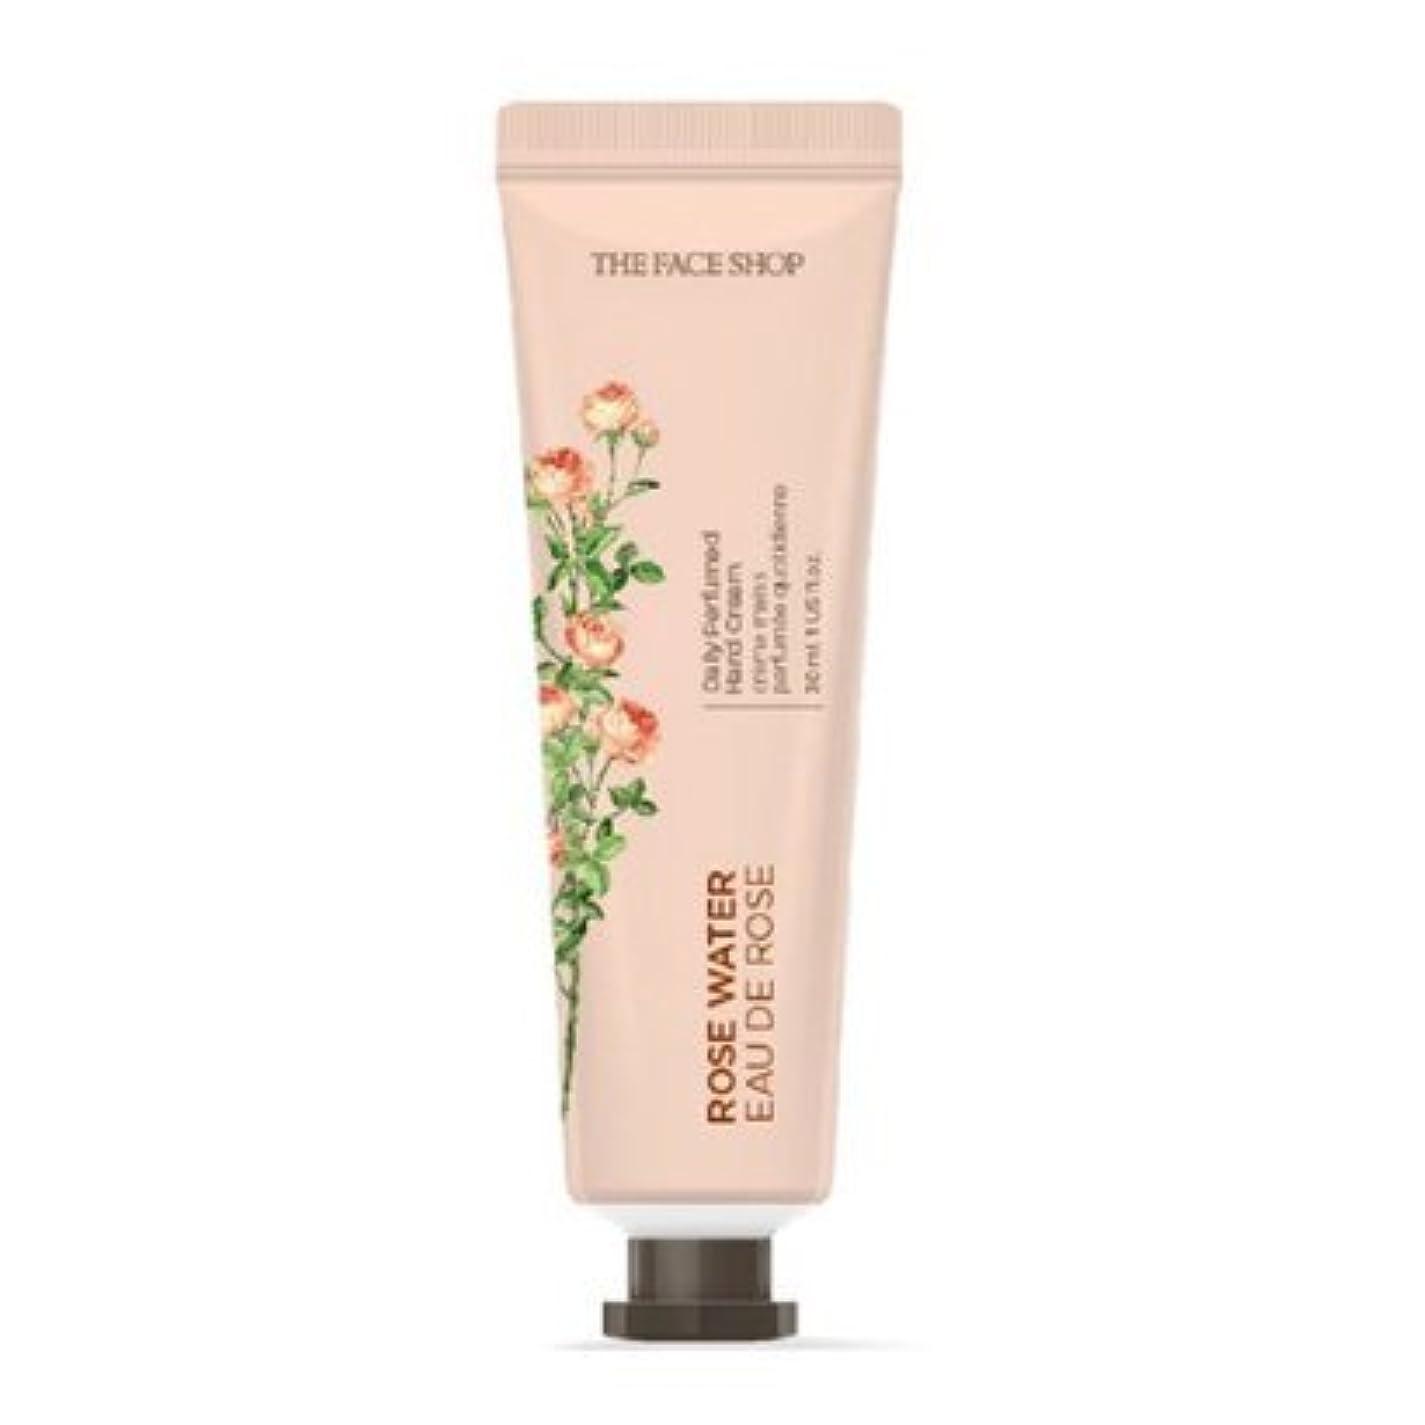 そうでなければ何雪[1+1] THE FACE SHOP Daily Perfume Hand Cream [01.Rose Water] ザフェイスショップ デイリーパフュームハンドクリーム [01.ローズウォーター] [new] [並行輸入品]